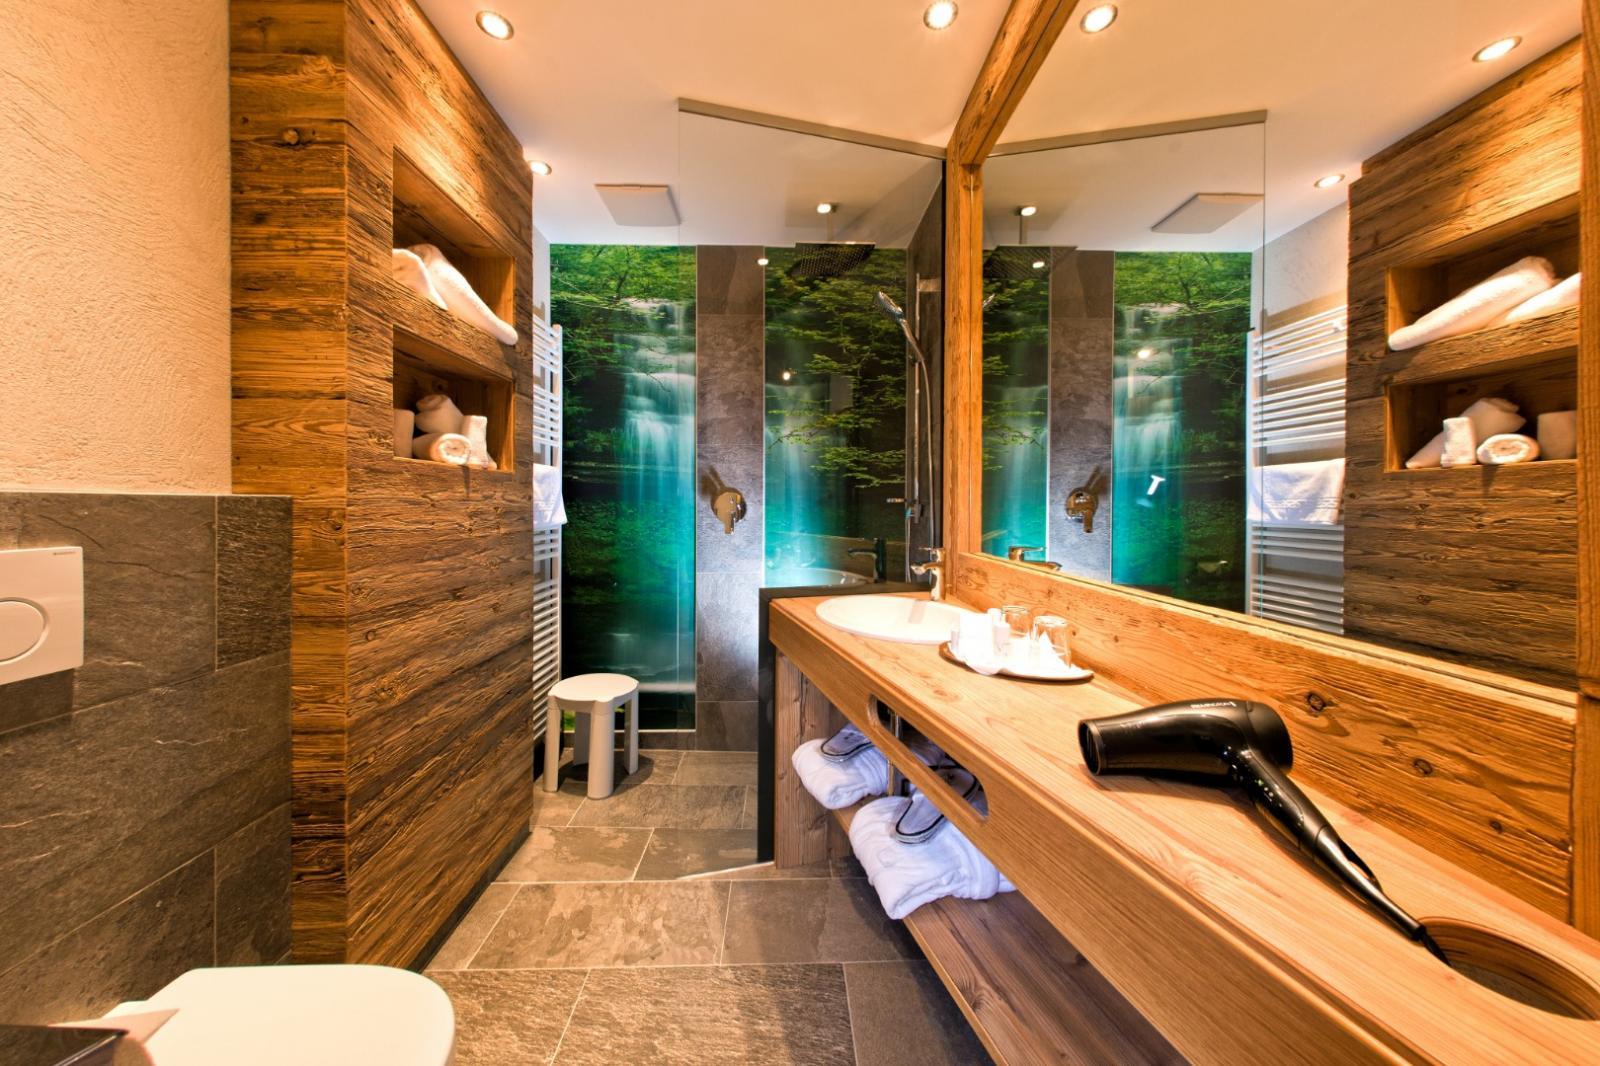 Phytotherapie: Foto vom Wellnesshotel Hotel Truyenhof | Wellness Tirol